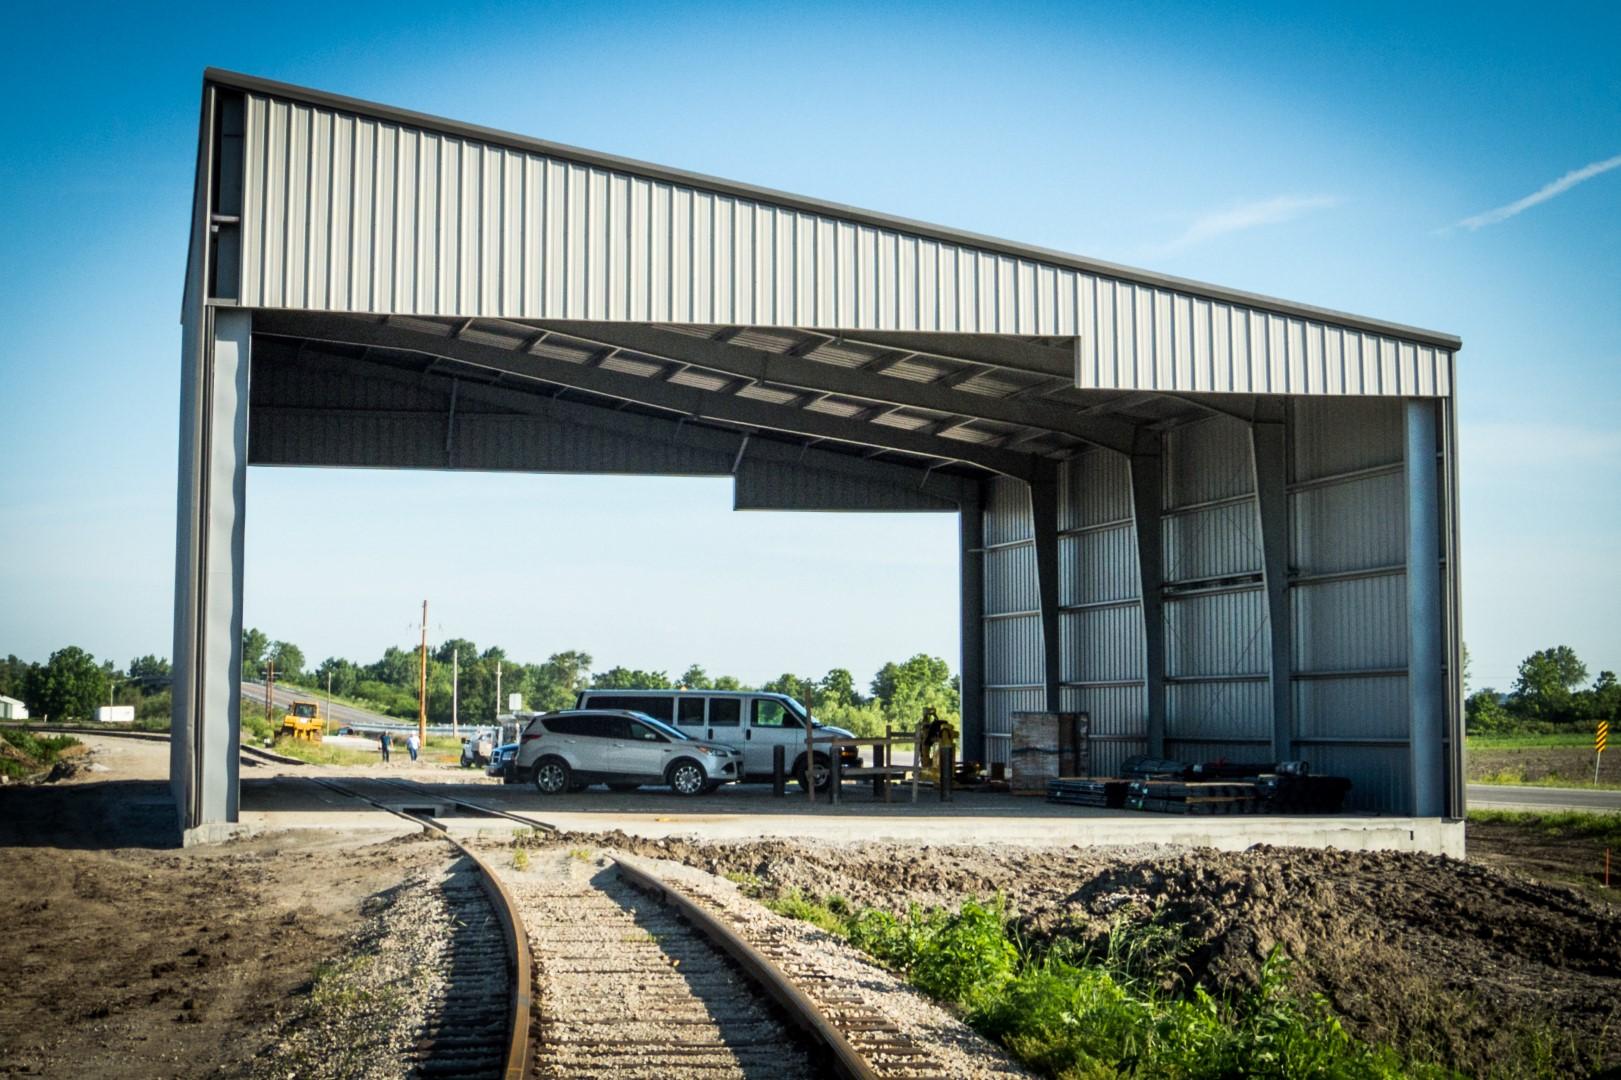 Hardin, Missouri – Fertilizer Storage and Handling